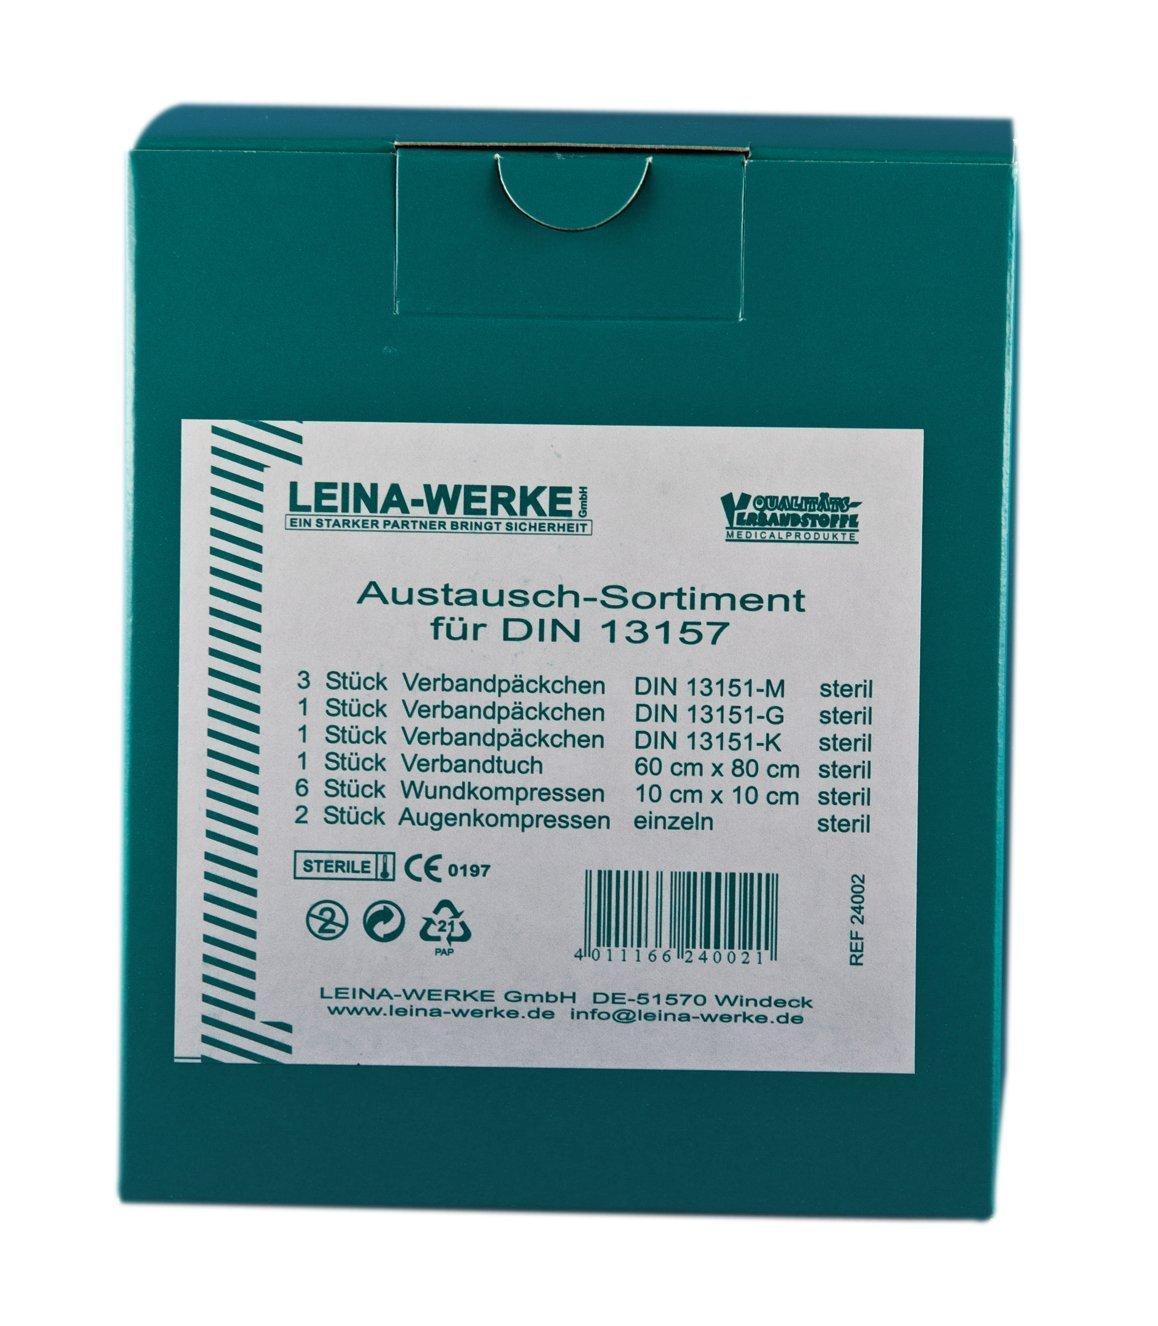 LEINA-WERKE REF 24002 3676